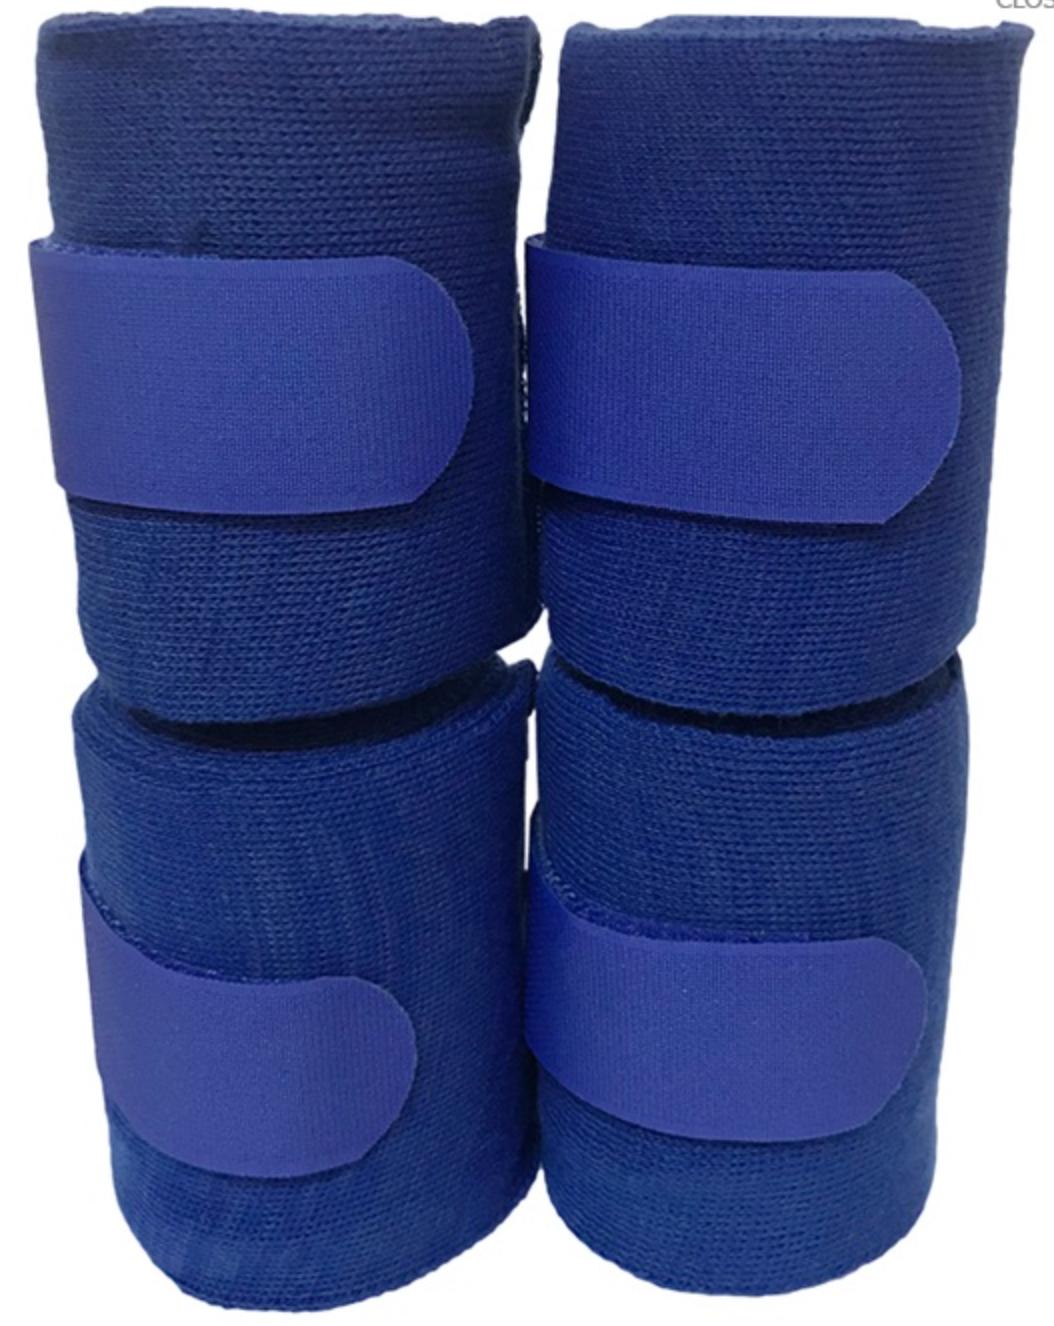 Turf Knit Track Bandages